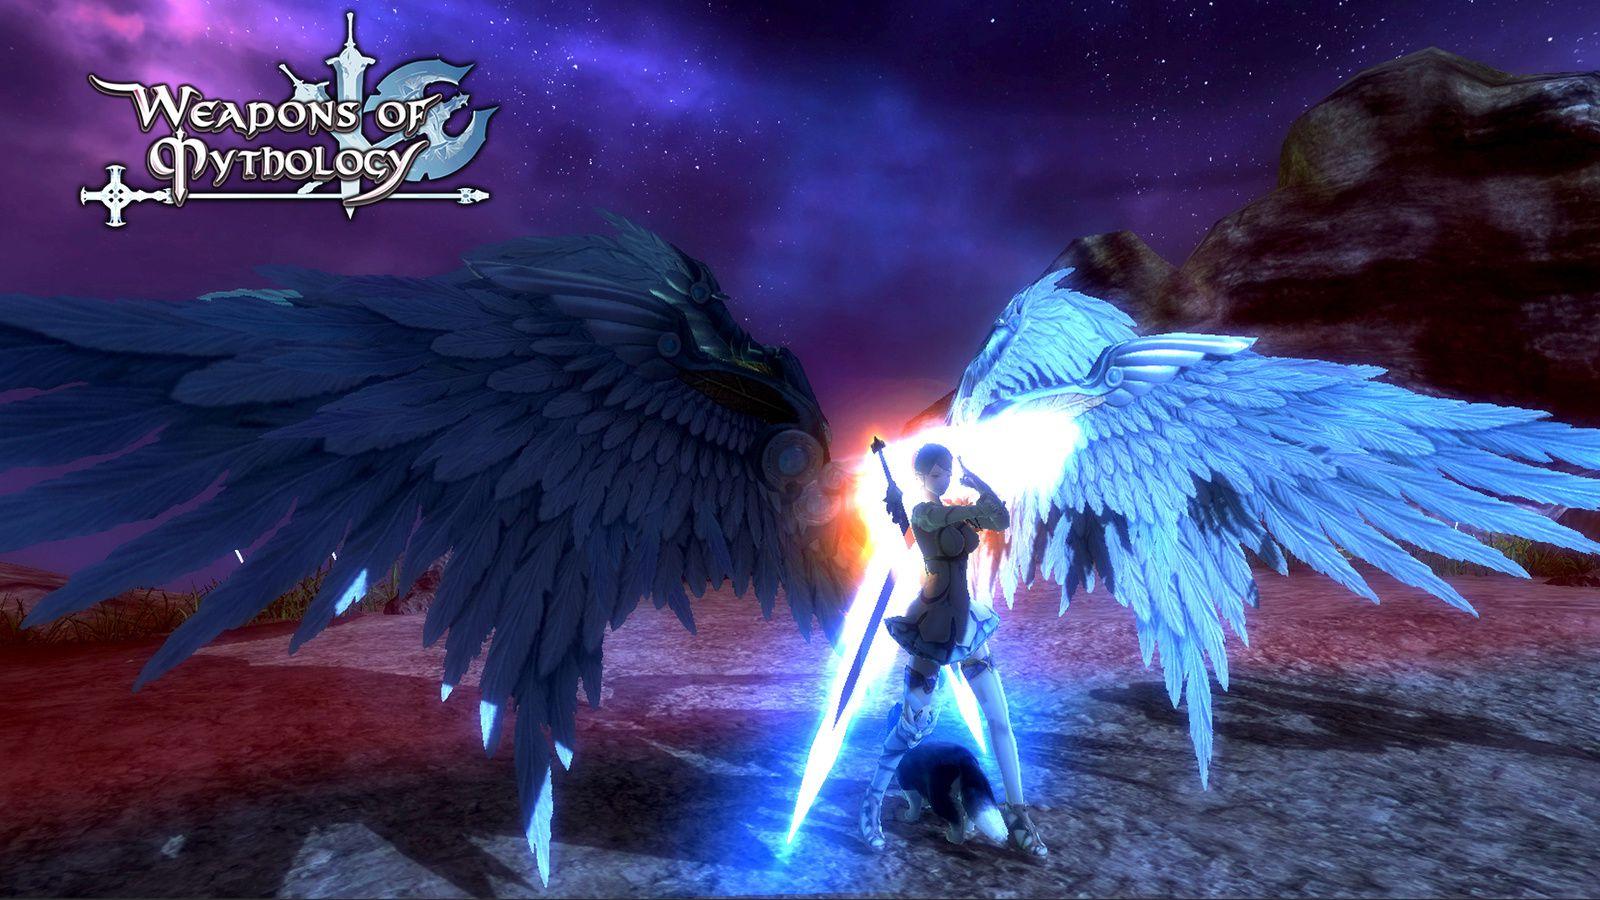 CONCOURS: Gagnez des codes pour la #beta du #MMORPG sur #PC #WeaponsOfMythology!